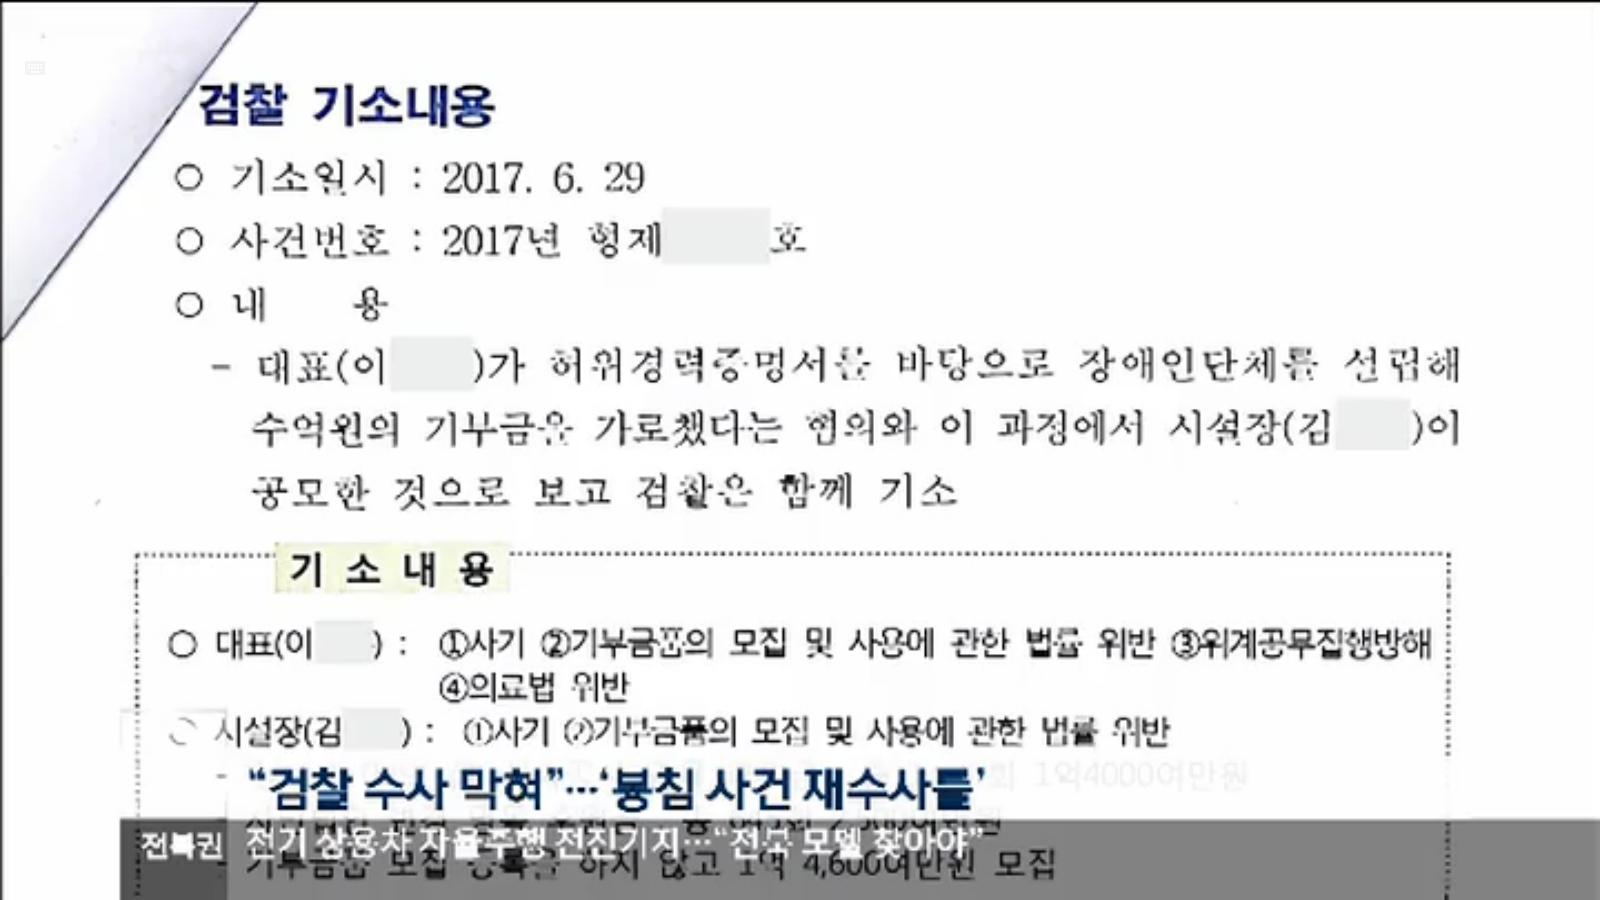 [18.3.30 KBS전주] 전주봉침게이트 재수사여론 빗발... 검찰, 자정 시급5.jpg